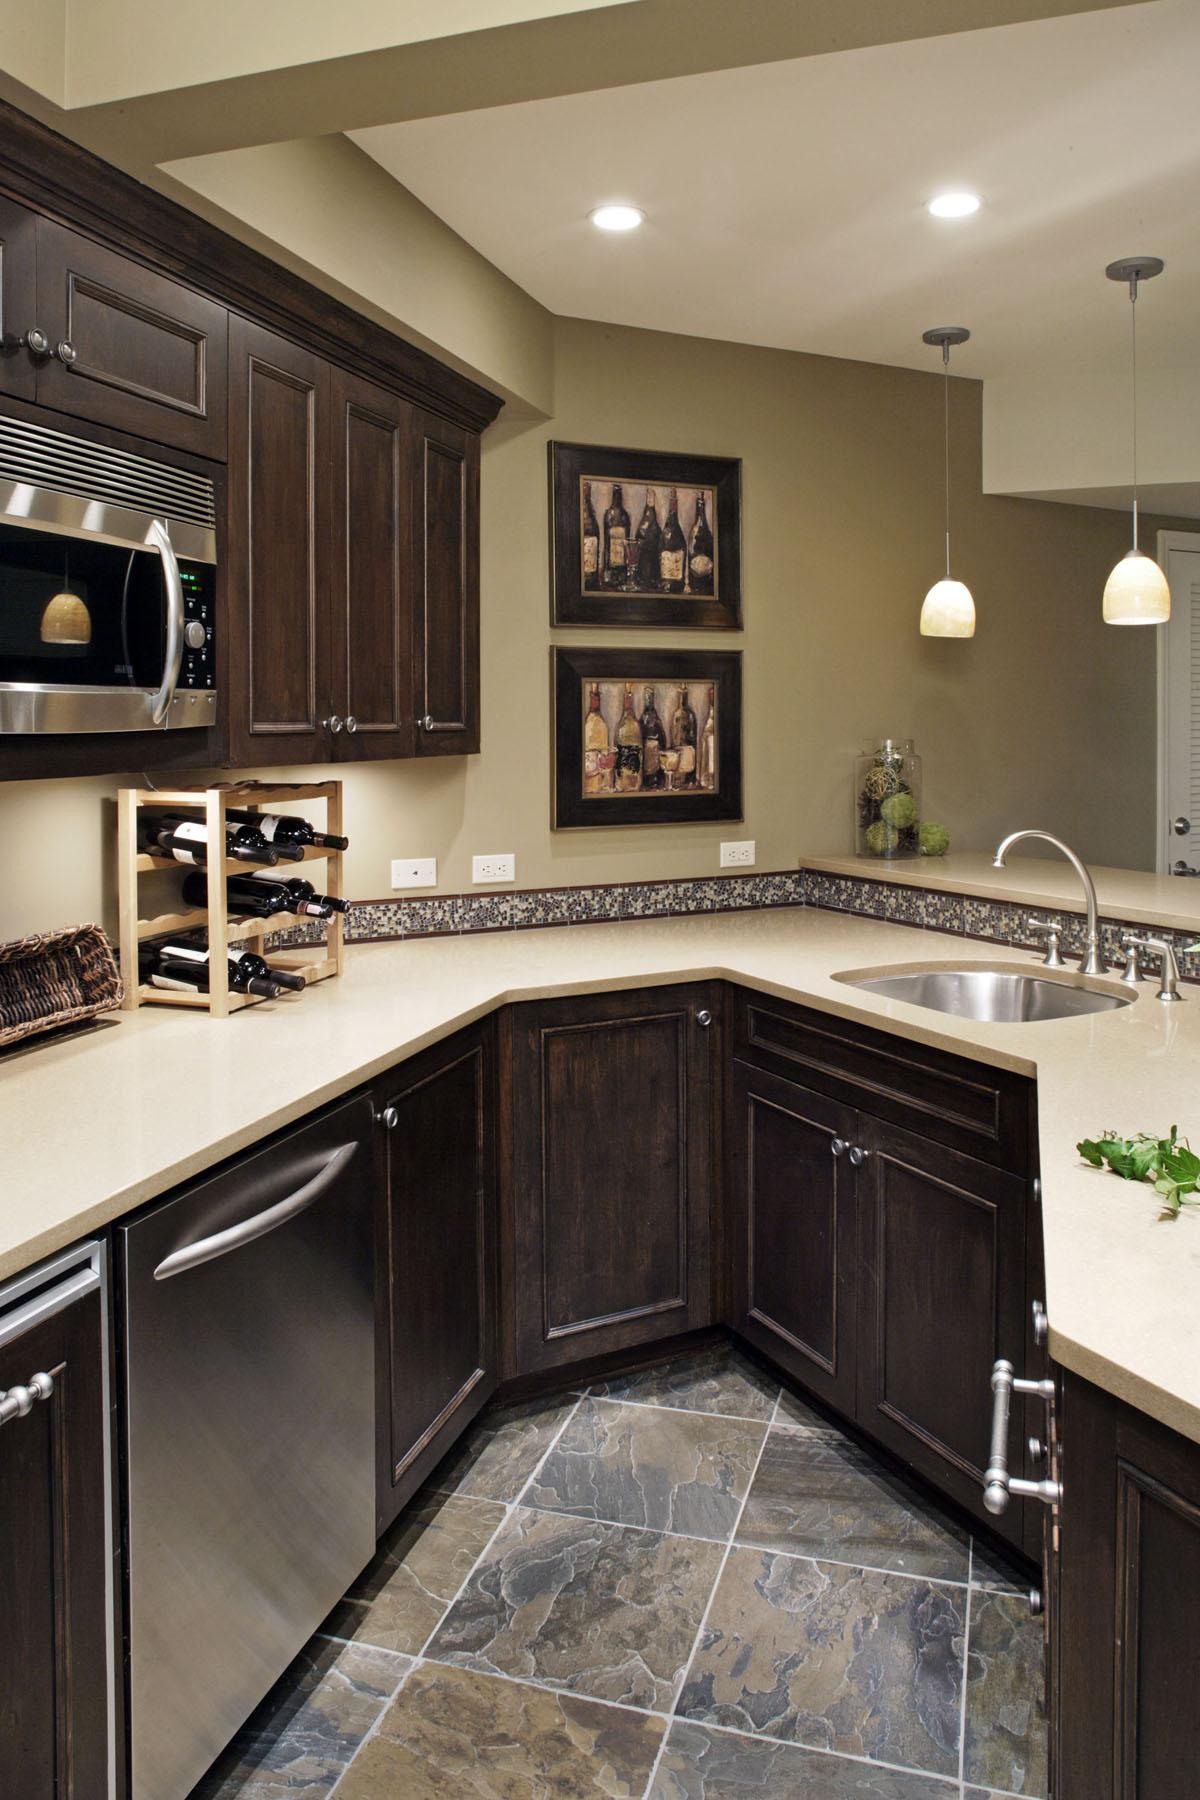 Kitchenette-Cabinet-Storage.jpg